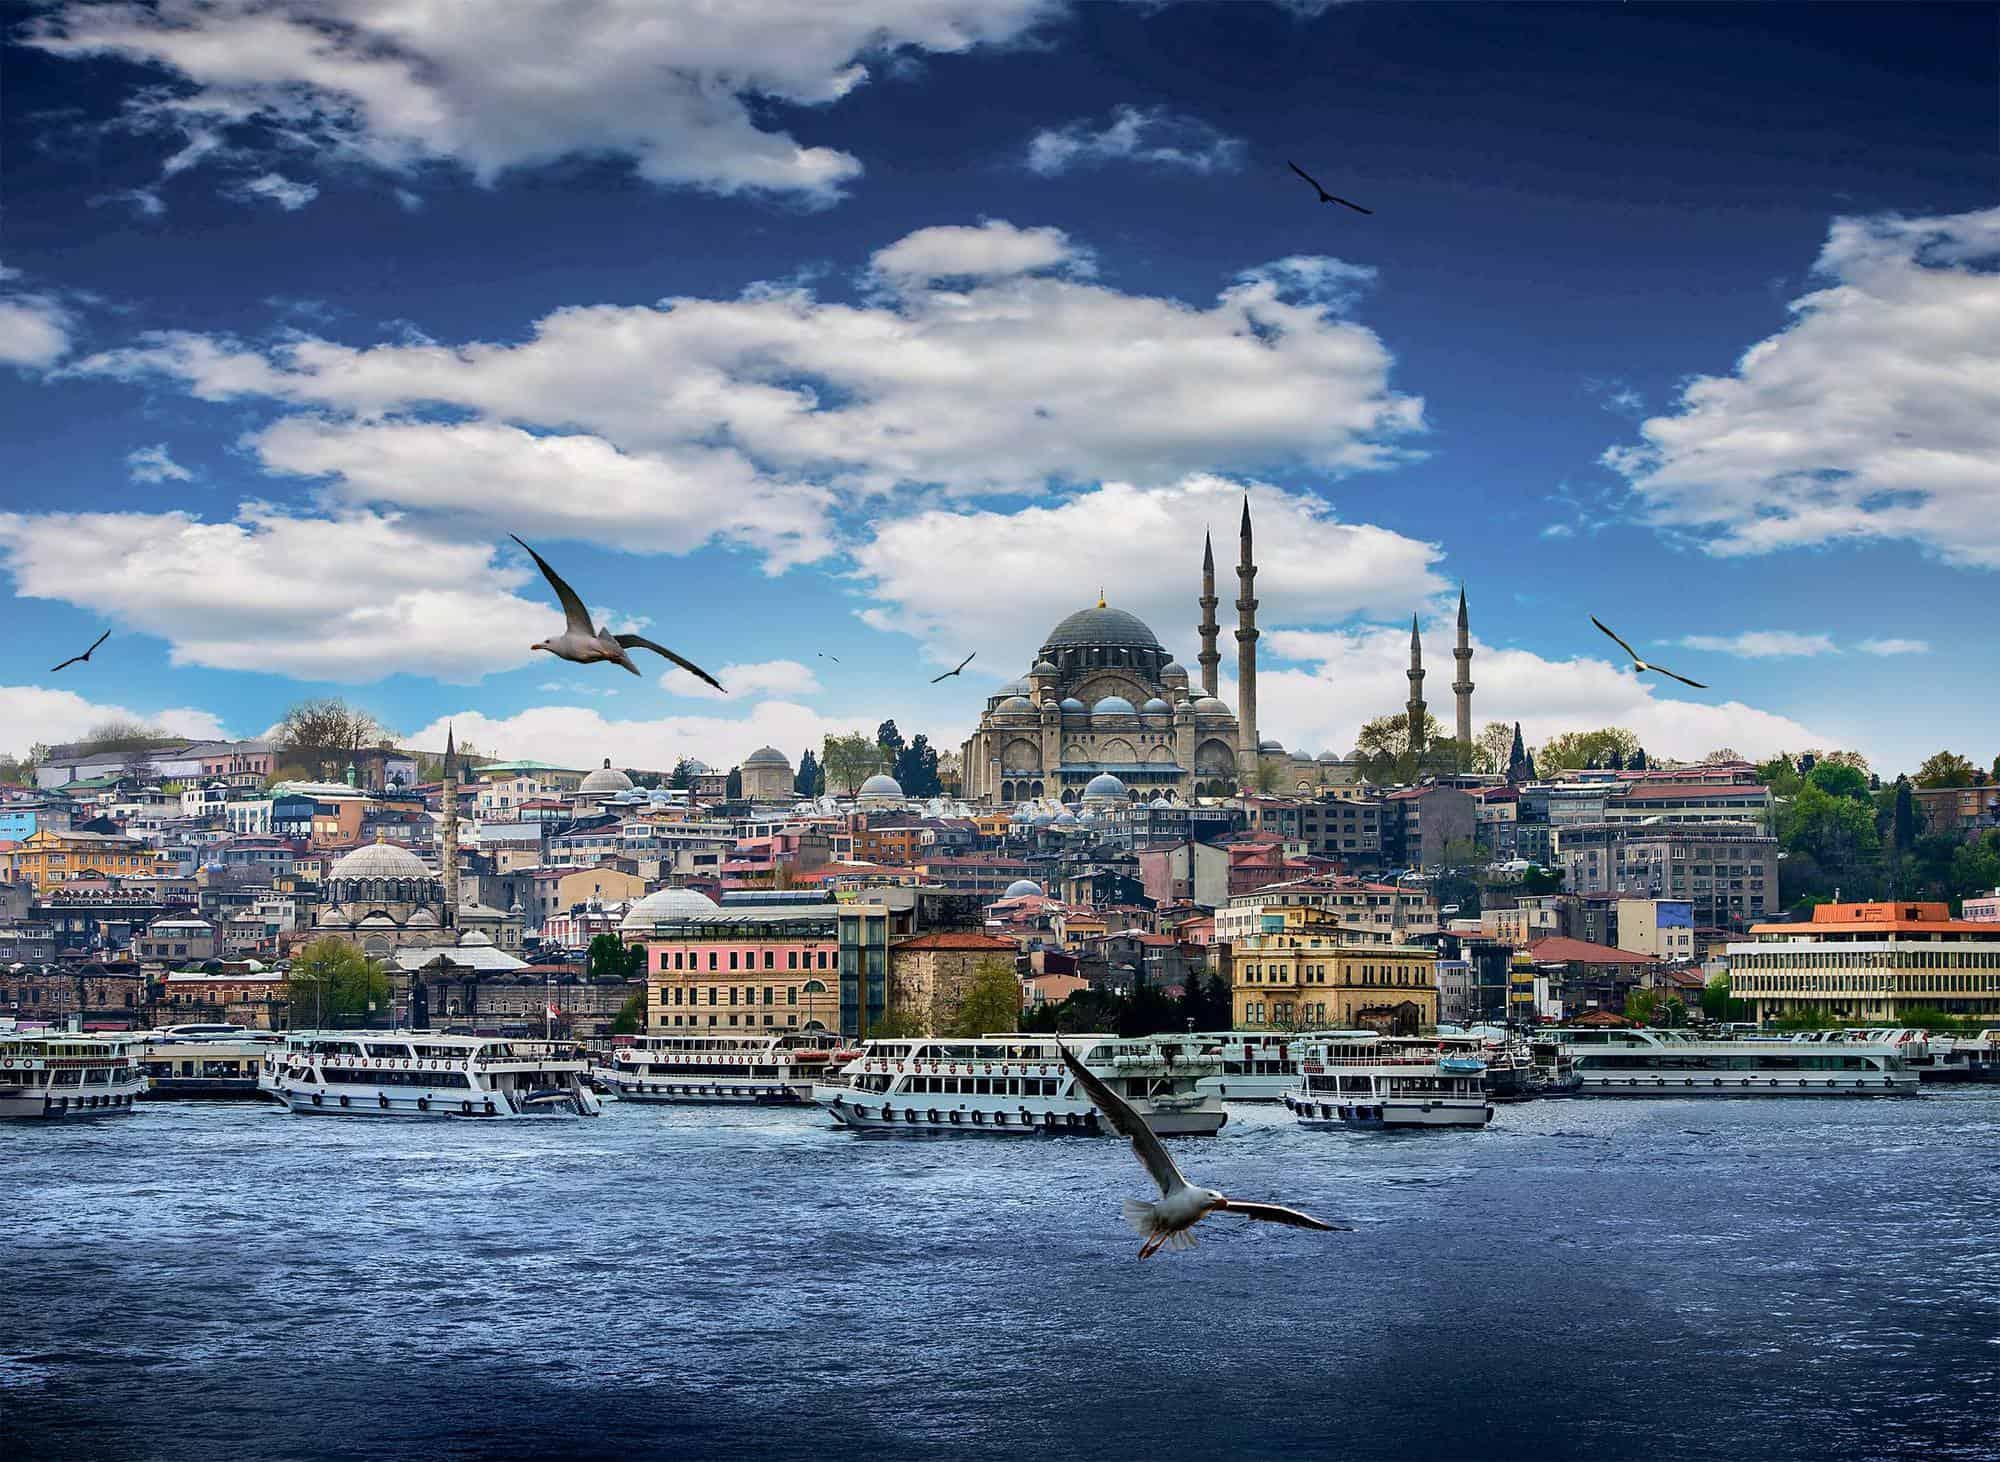 أجمل المدن السياحية - اسطنبول في تركيا